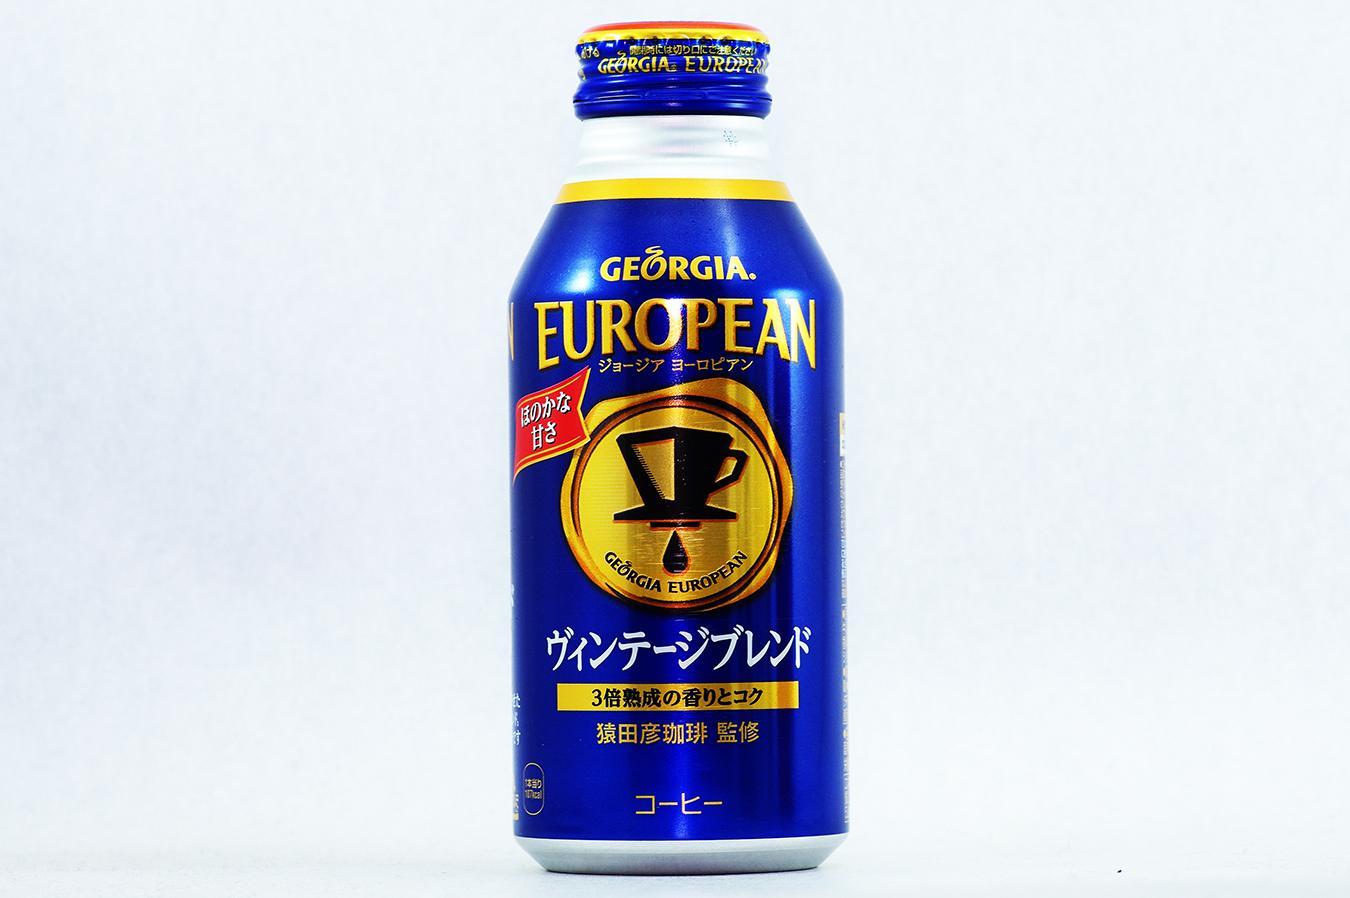 GEORGIA ヨーロピアン カフェラテ ヴィンテージブレンド 370mlボトル缶 2017年9月